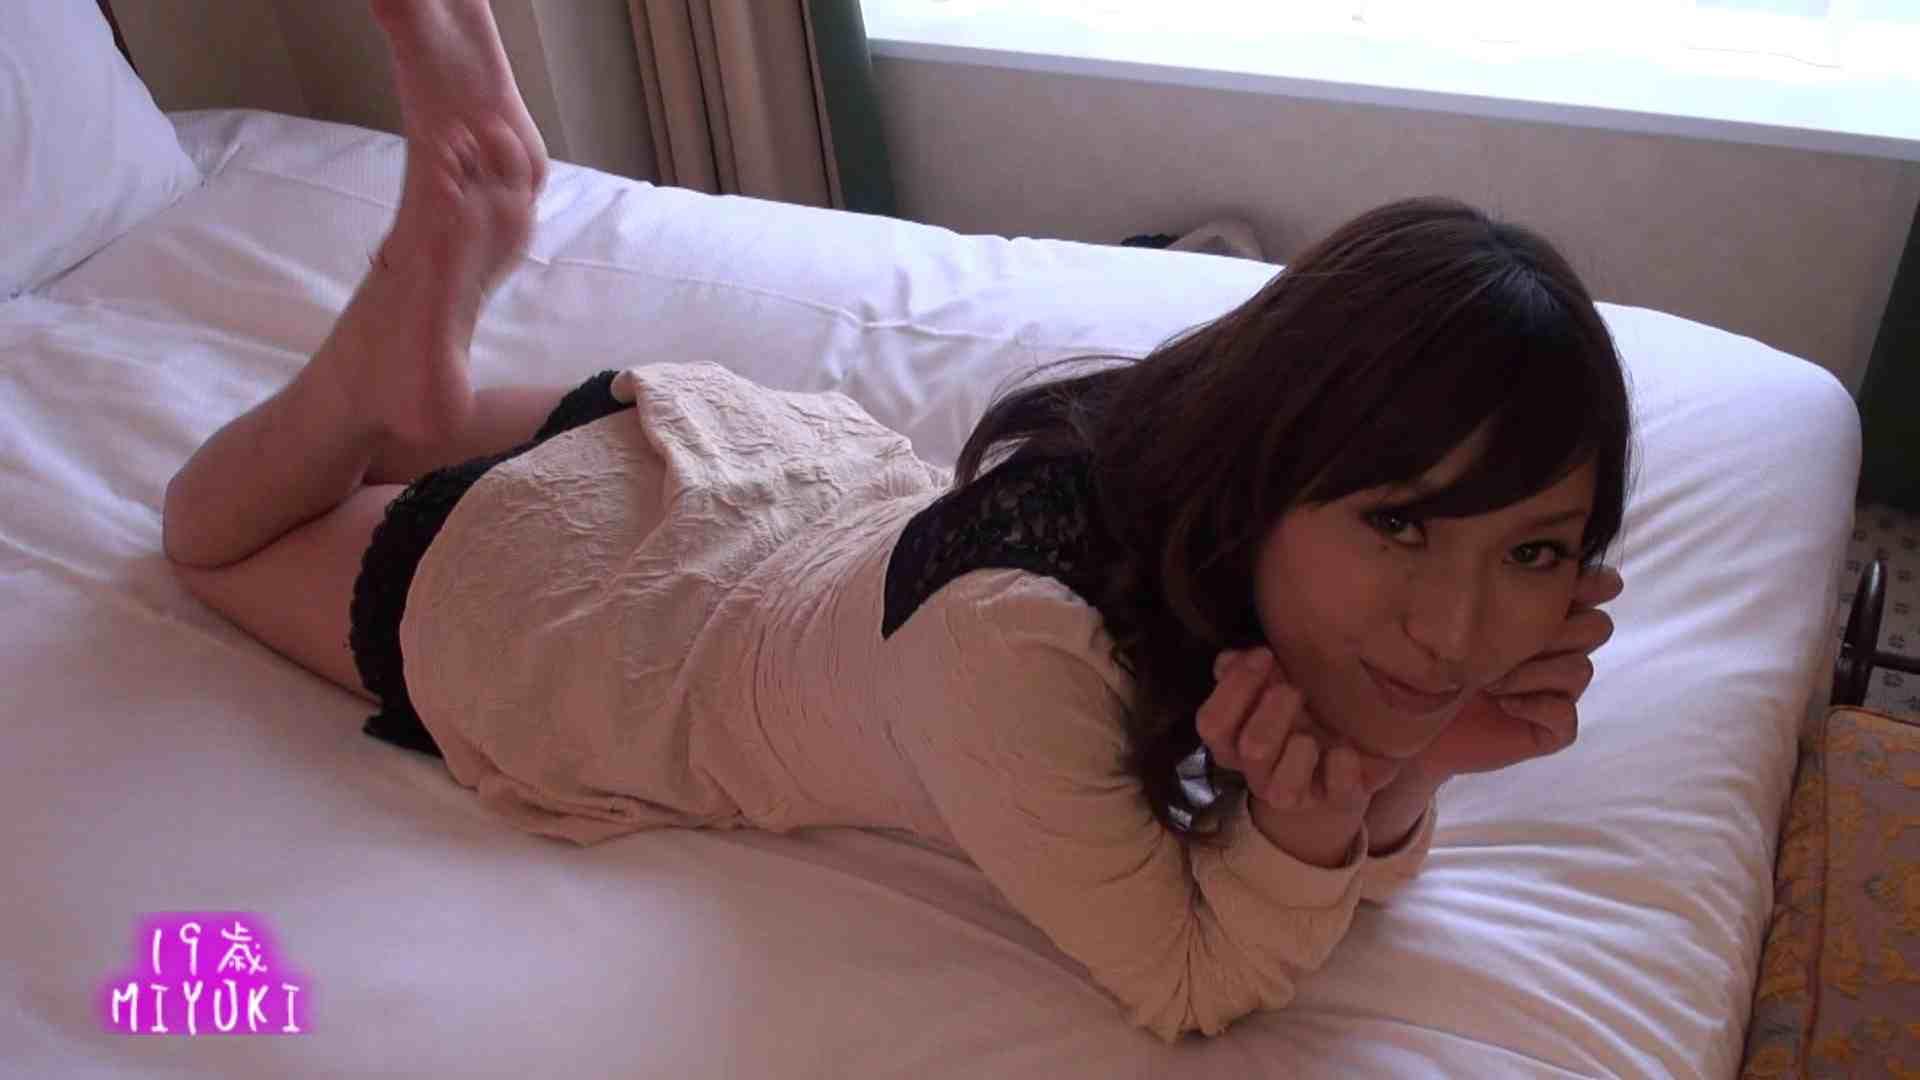 カメラテストを兼ねて、MIYUKIちゃんのイメージ撮影 素人流出動画   メーカー直接買い取り  83枚 21